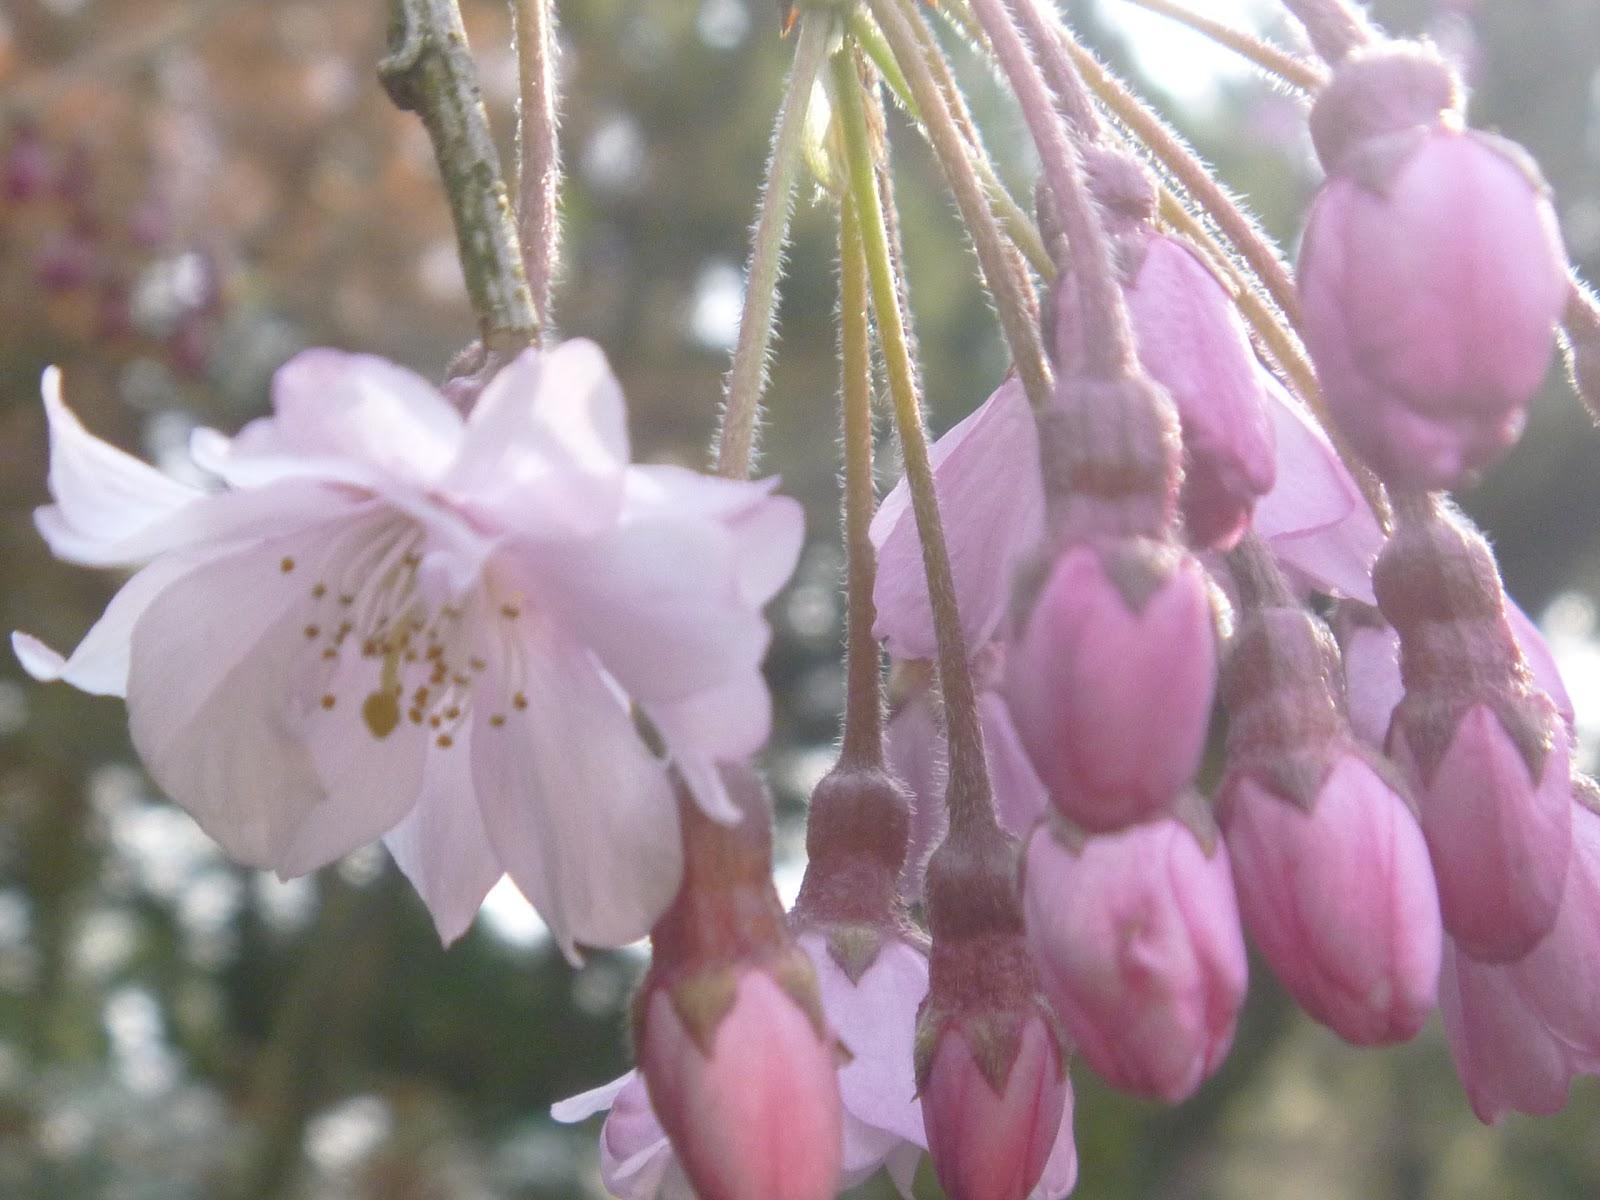 翡翠園、玉翠園・谷村美術館日記: 春たけなわ